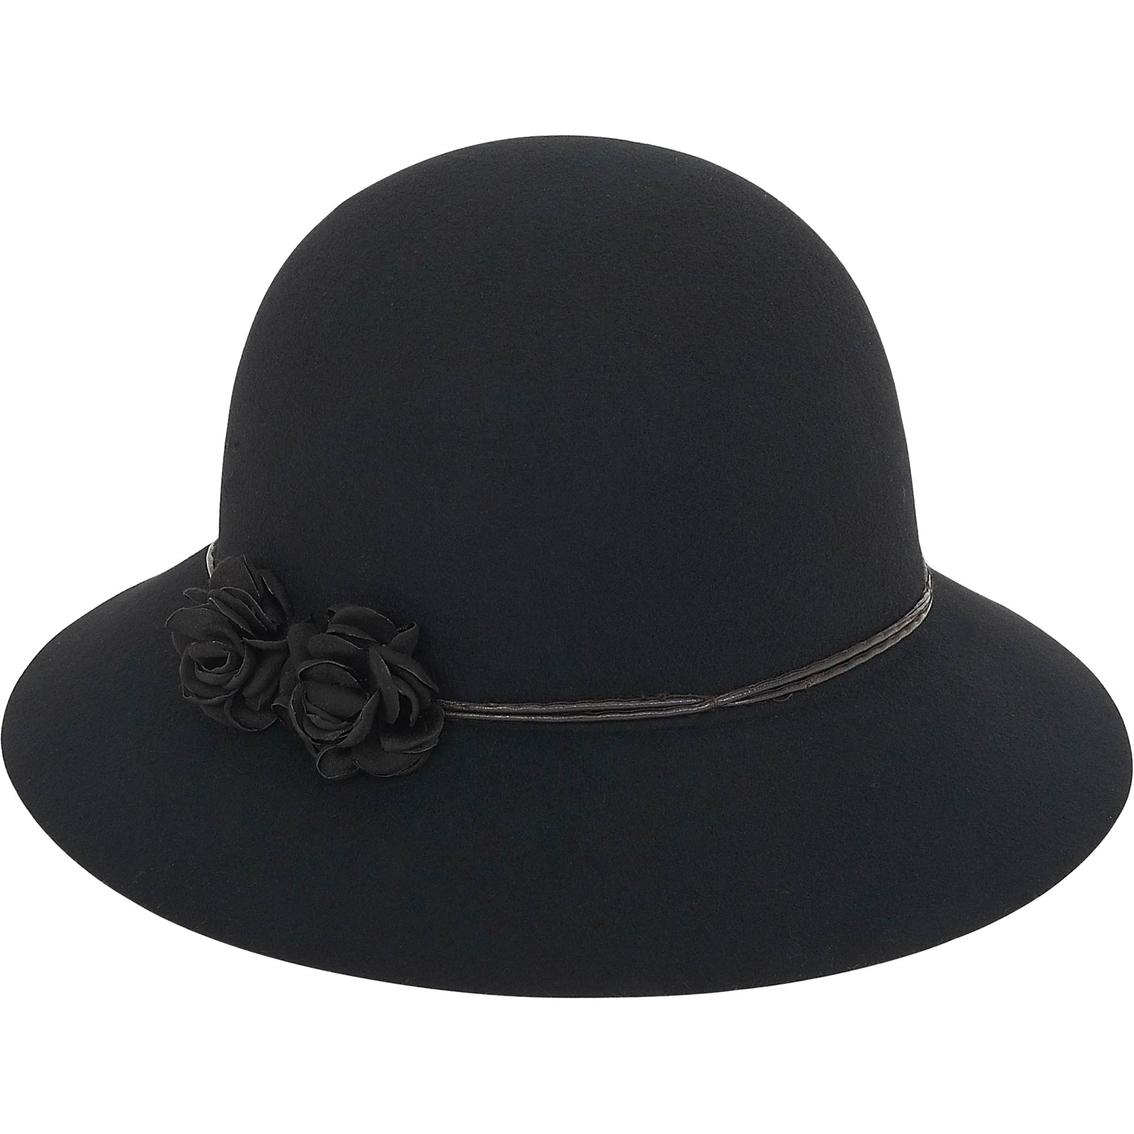 Adora By Sun N Sand Cloche With Floral Trim Hat 2.75 In. Brim  c3da5b32c04